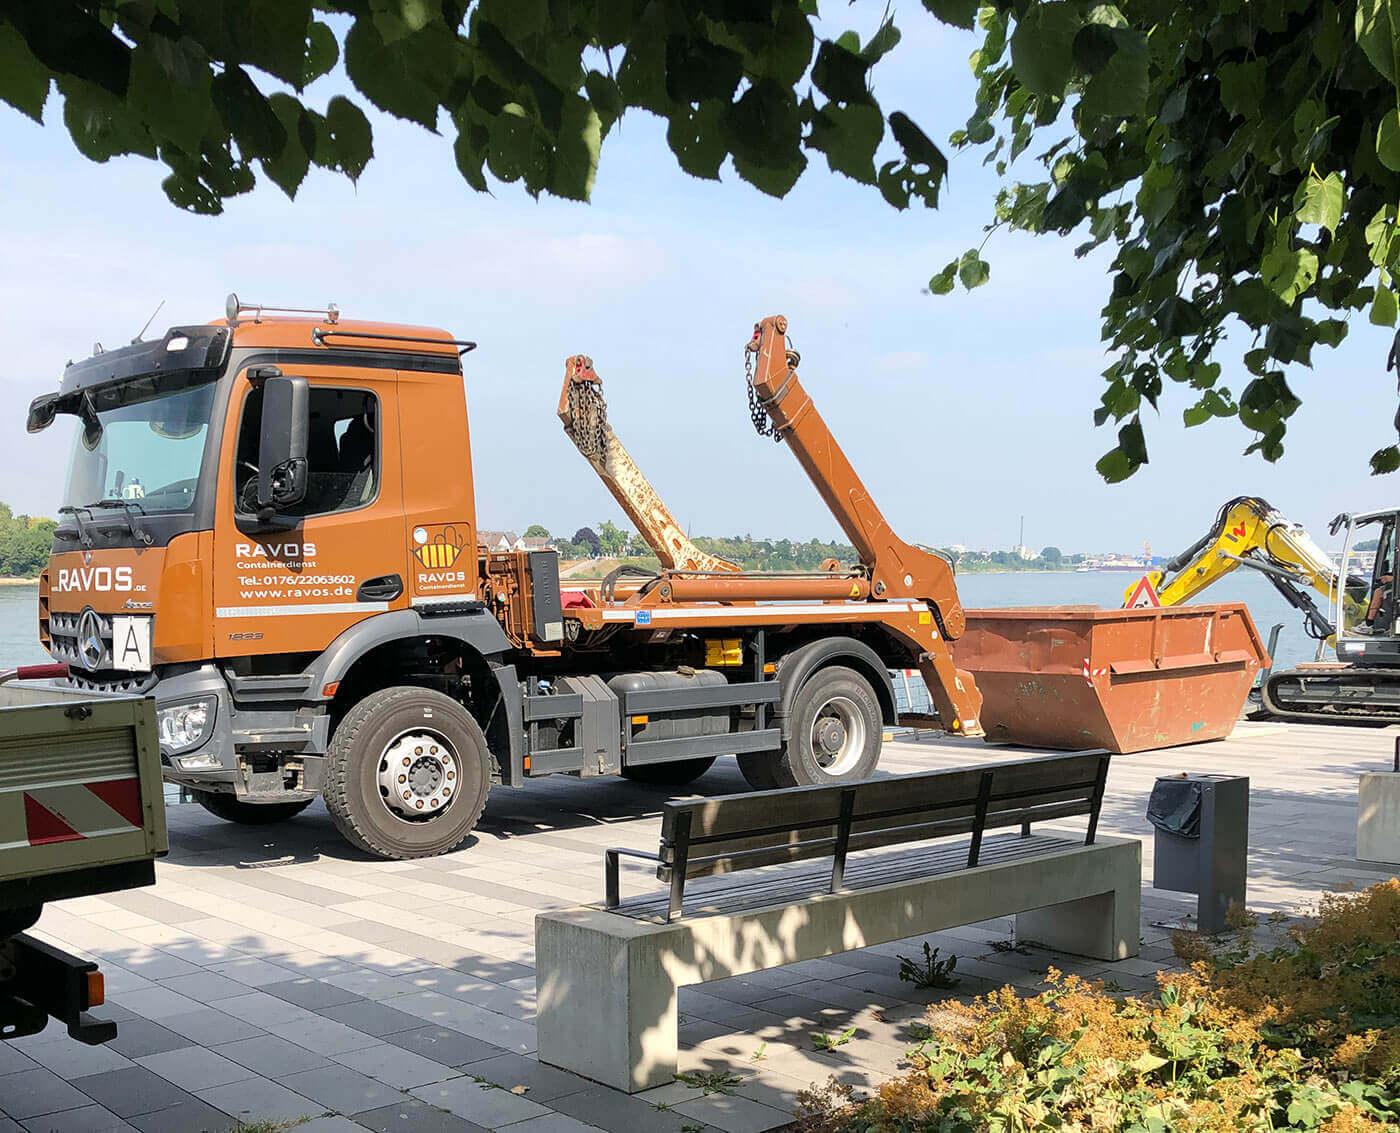 Ravos LKW und Bagger am Rheinufer